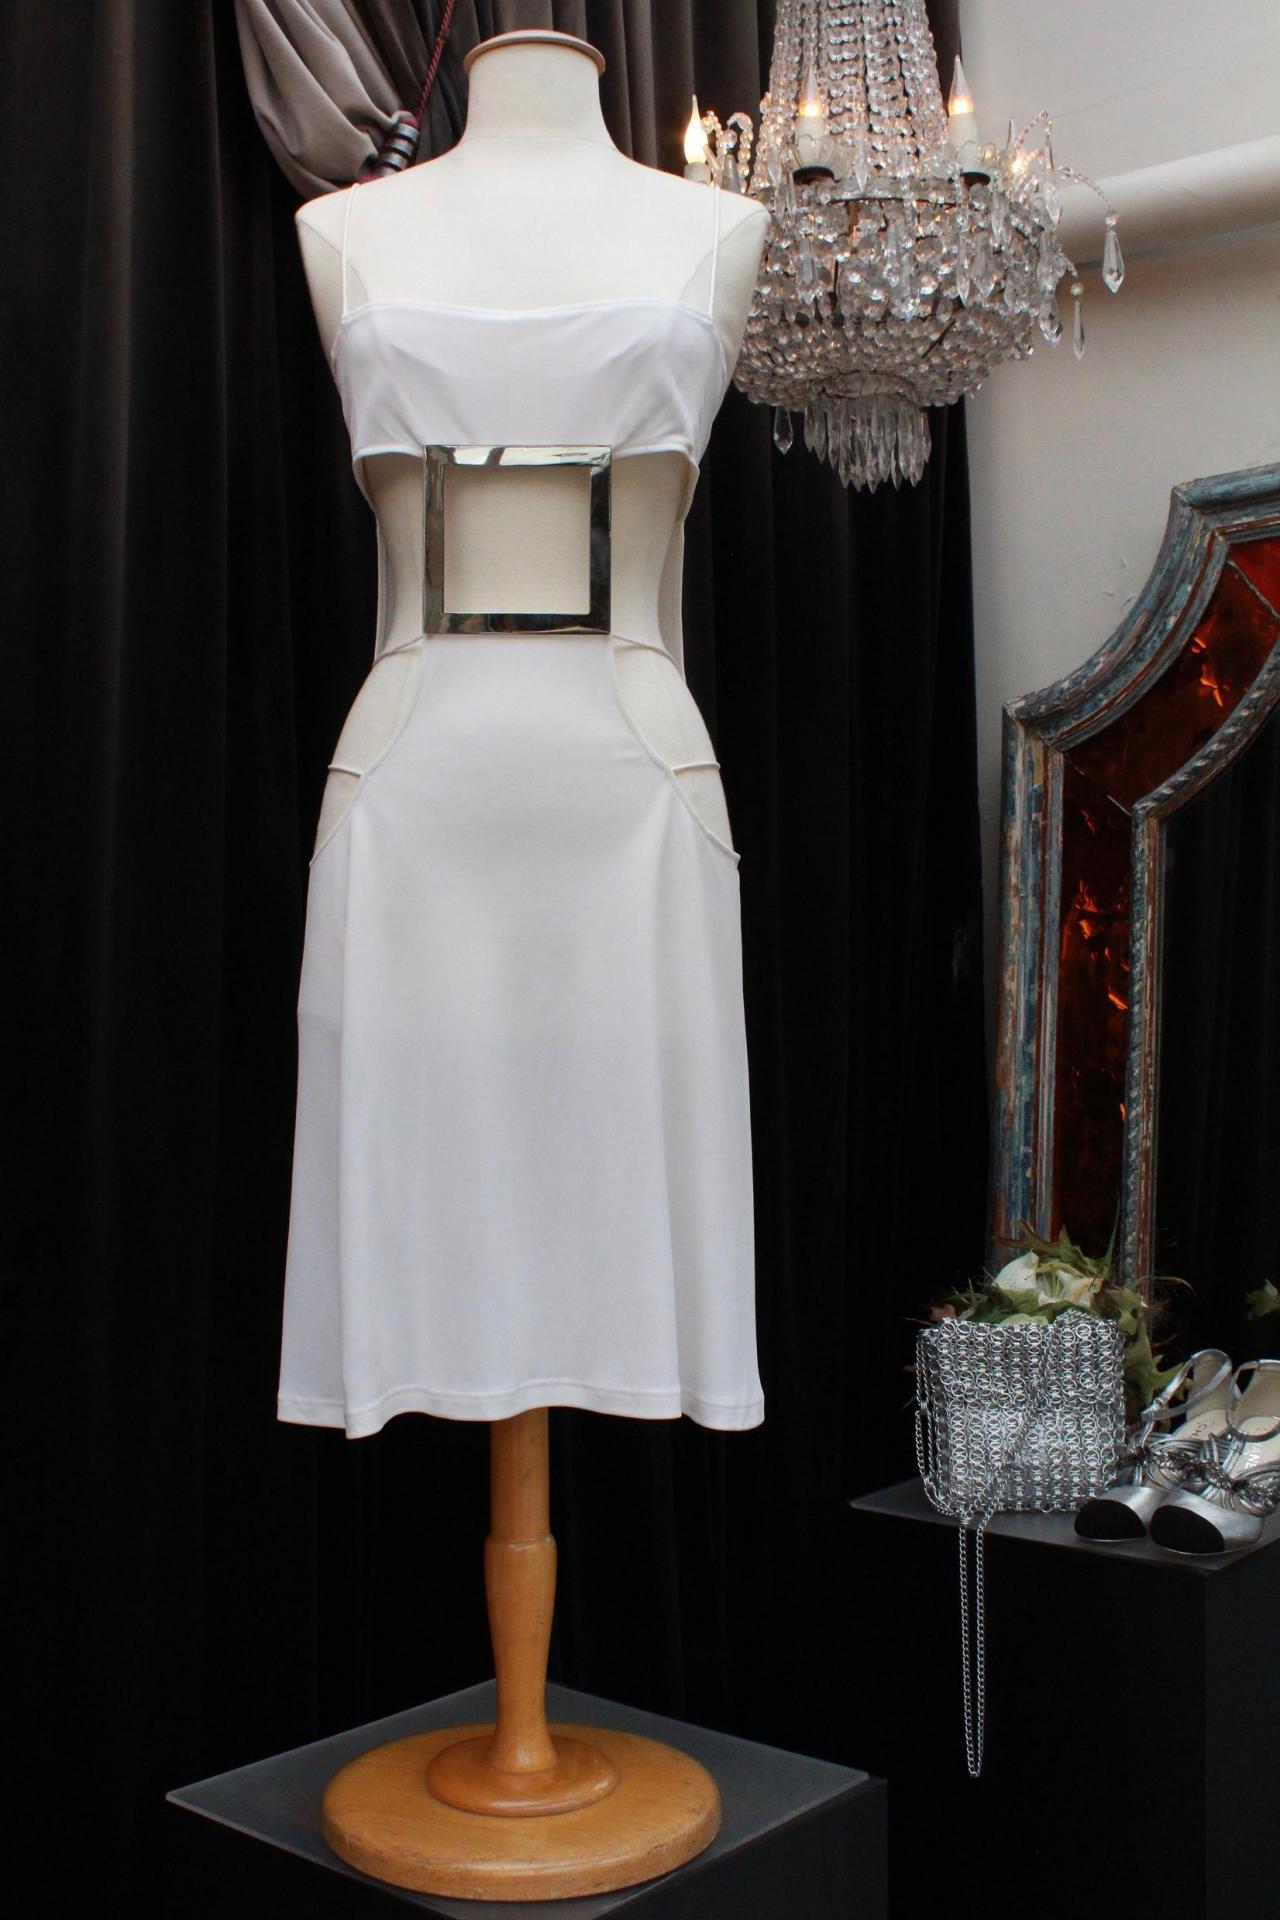 Robe blanche ajourée Paco Rabanne Été 2004 950,00 €